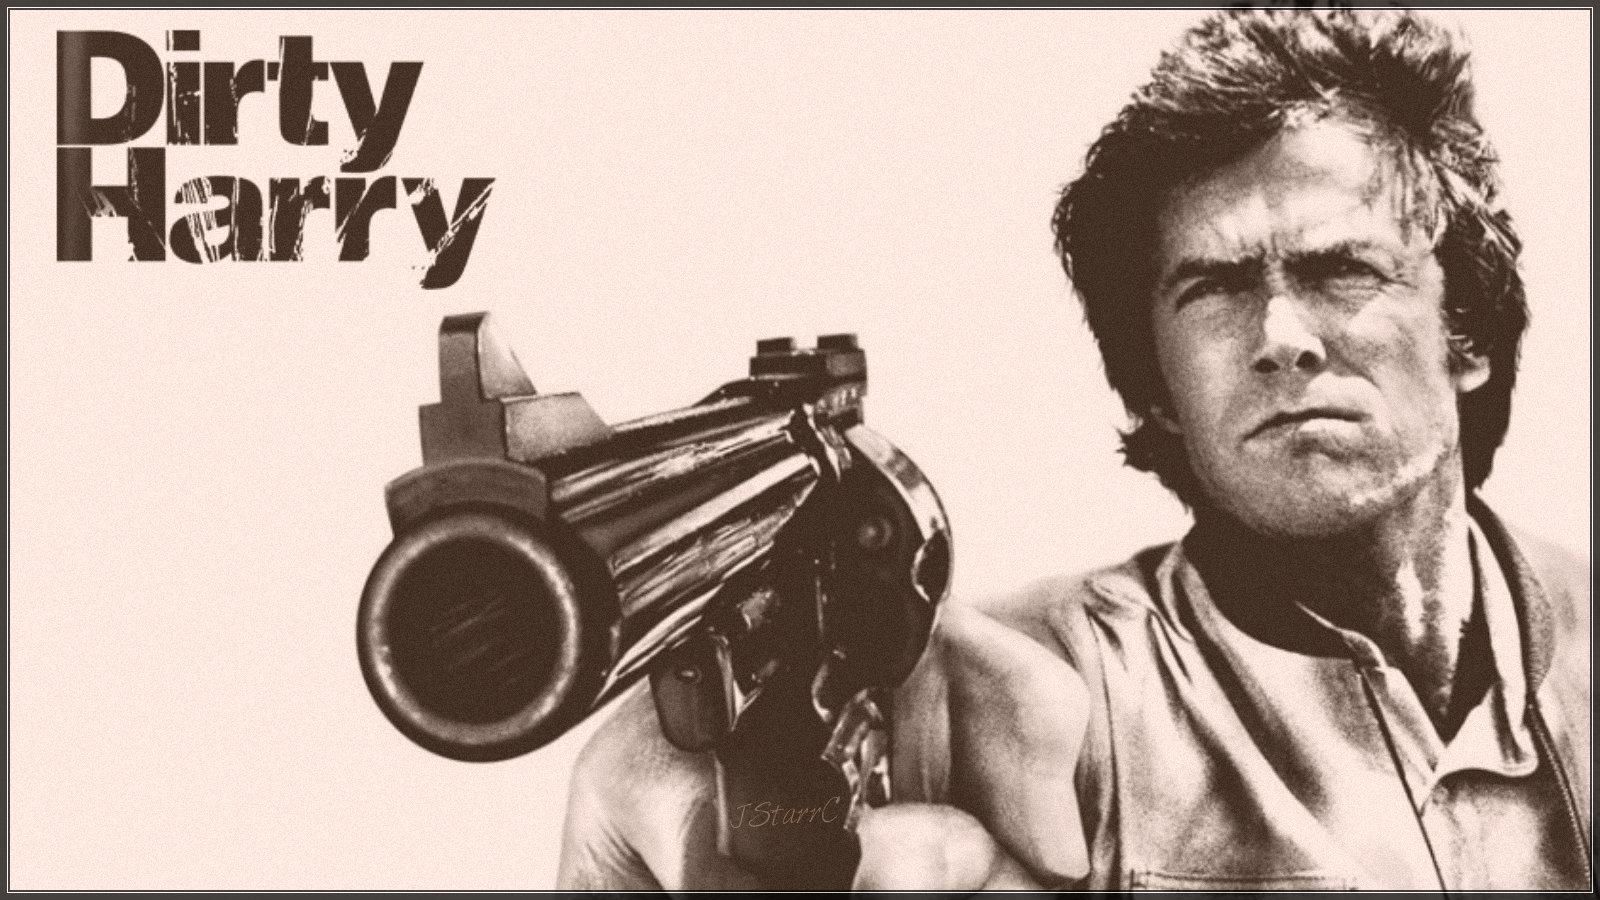 Dirty Harry Dirty Harry Wallpaper 41813241 Fanpop